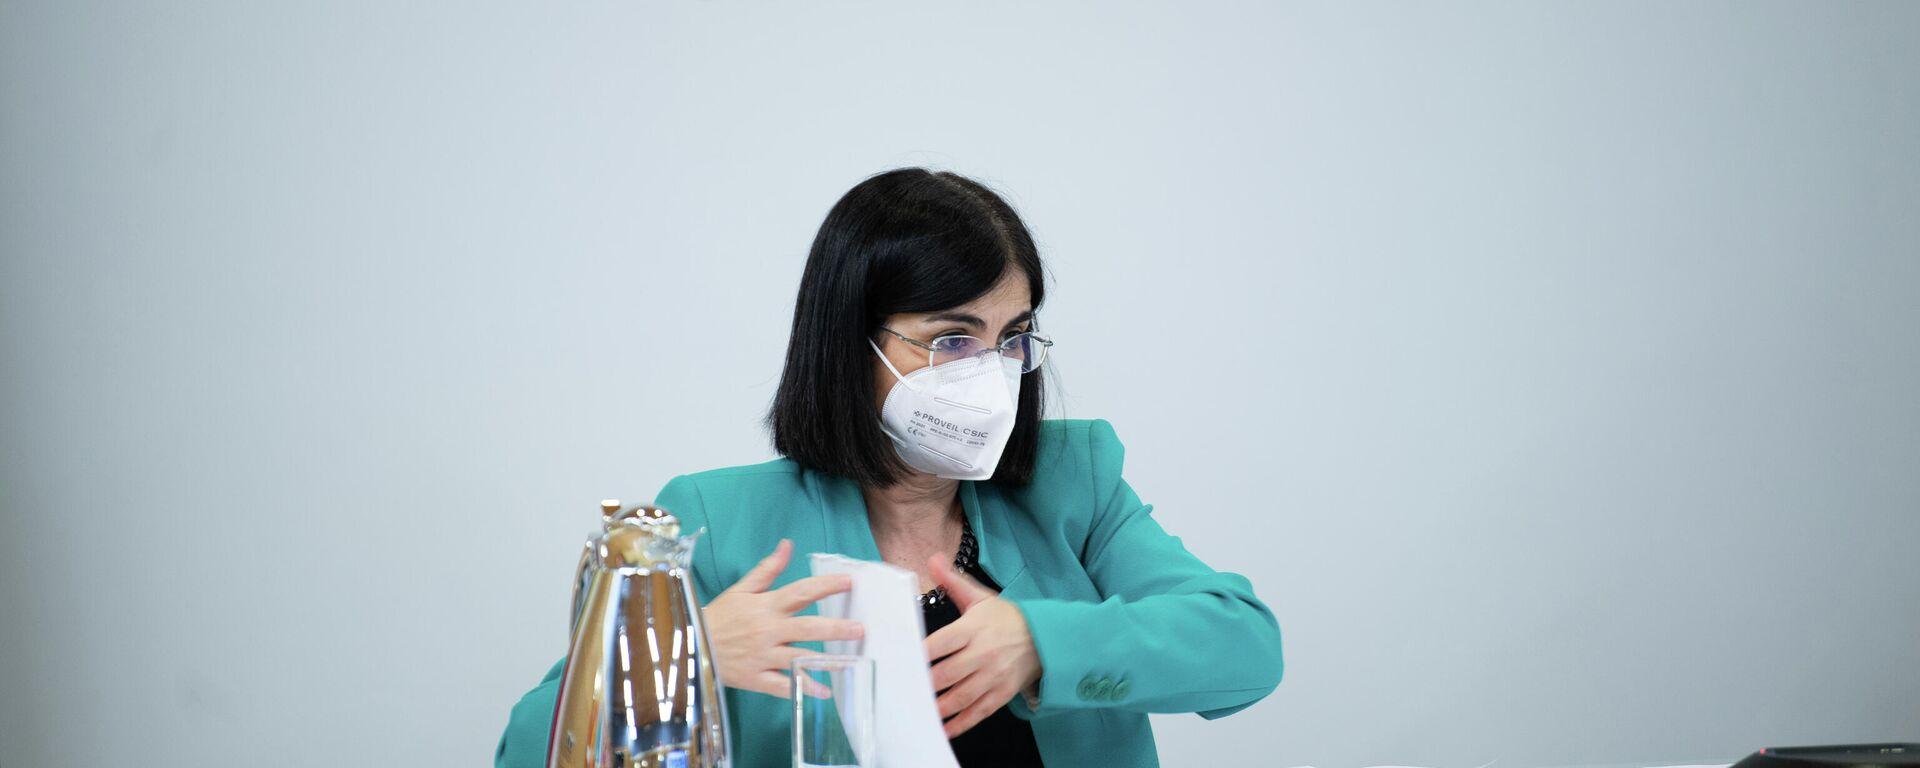 La ministra de Sanidad de España, Carolina Darias, durante la rueda de prensa del Consejo Interterritorial del Sistema Nacional de Salud - Sputnik Mundo, 1920, 26.05.2021